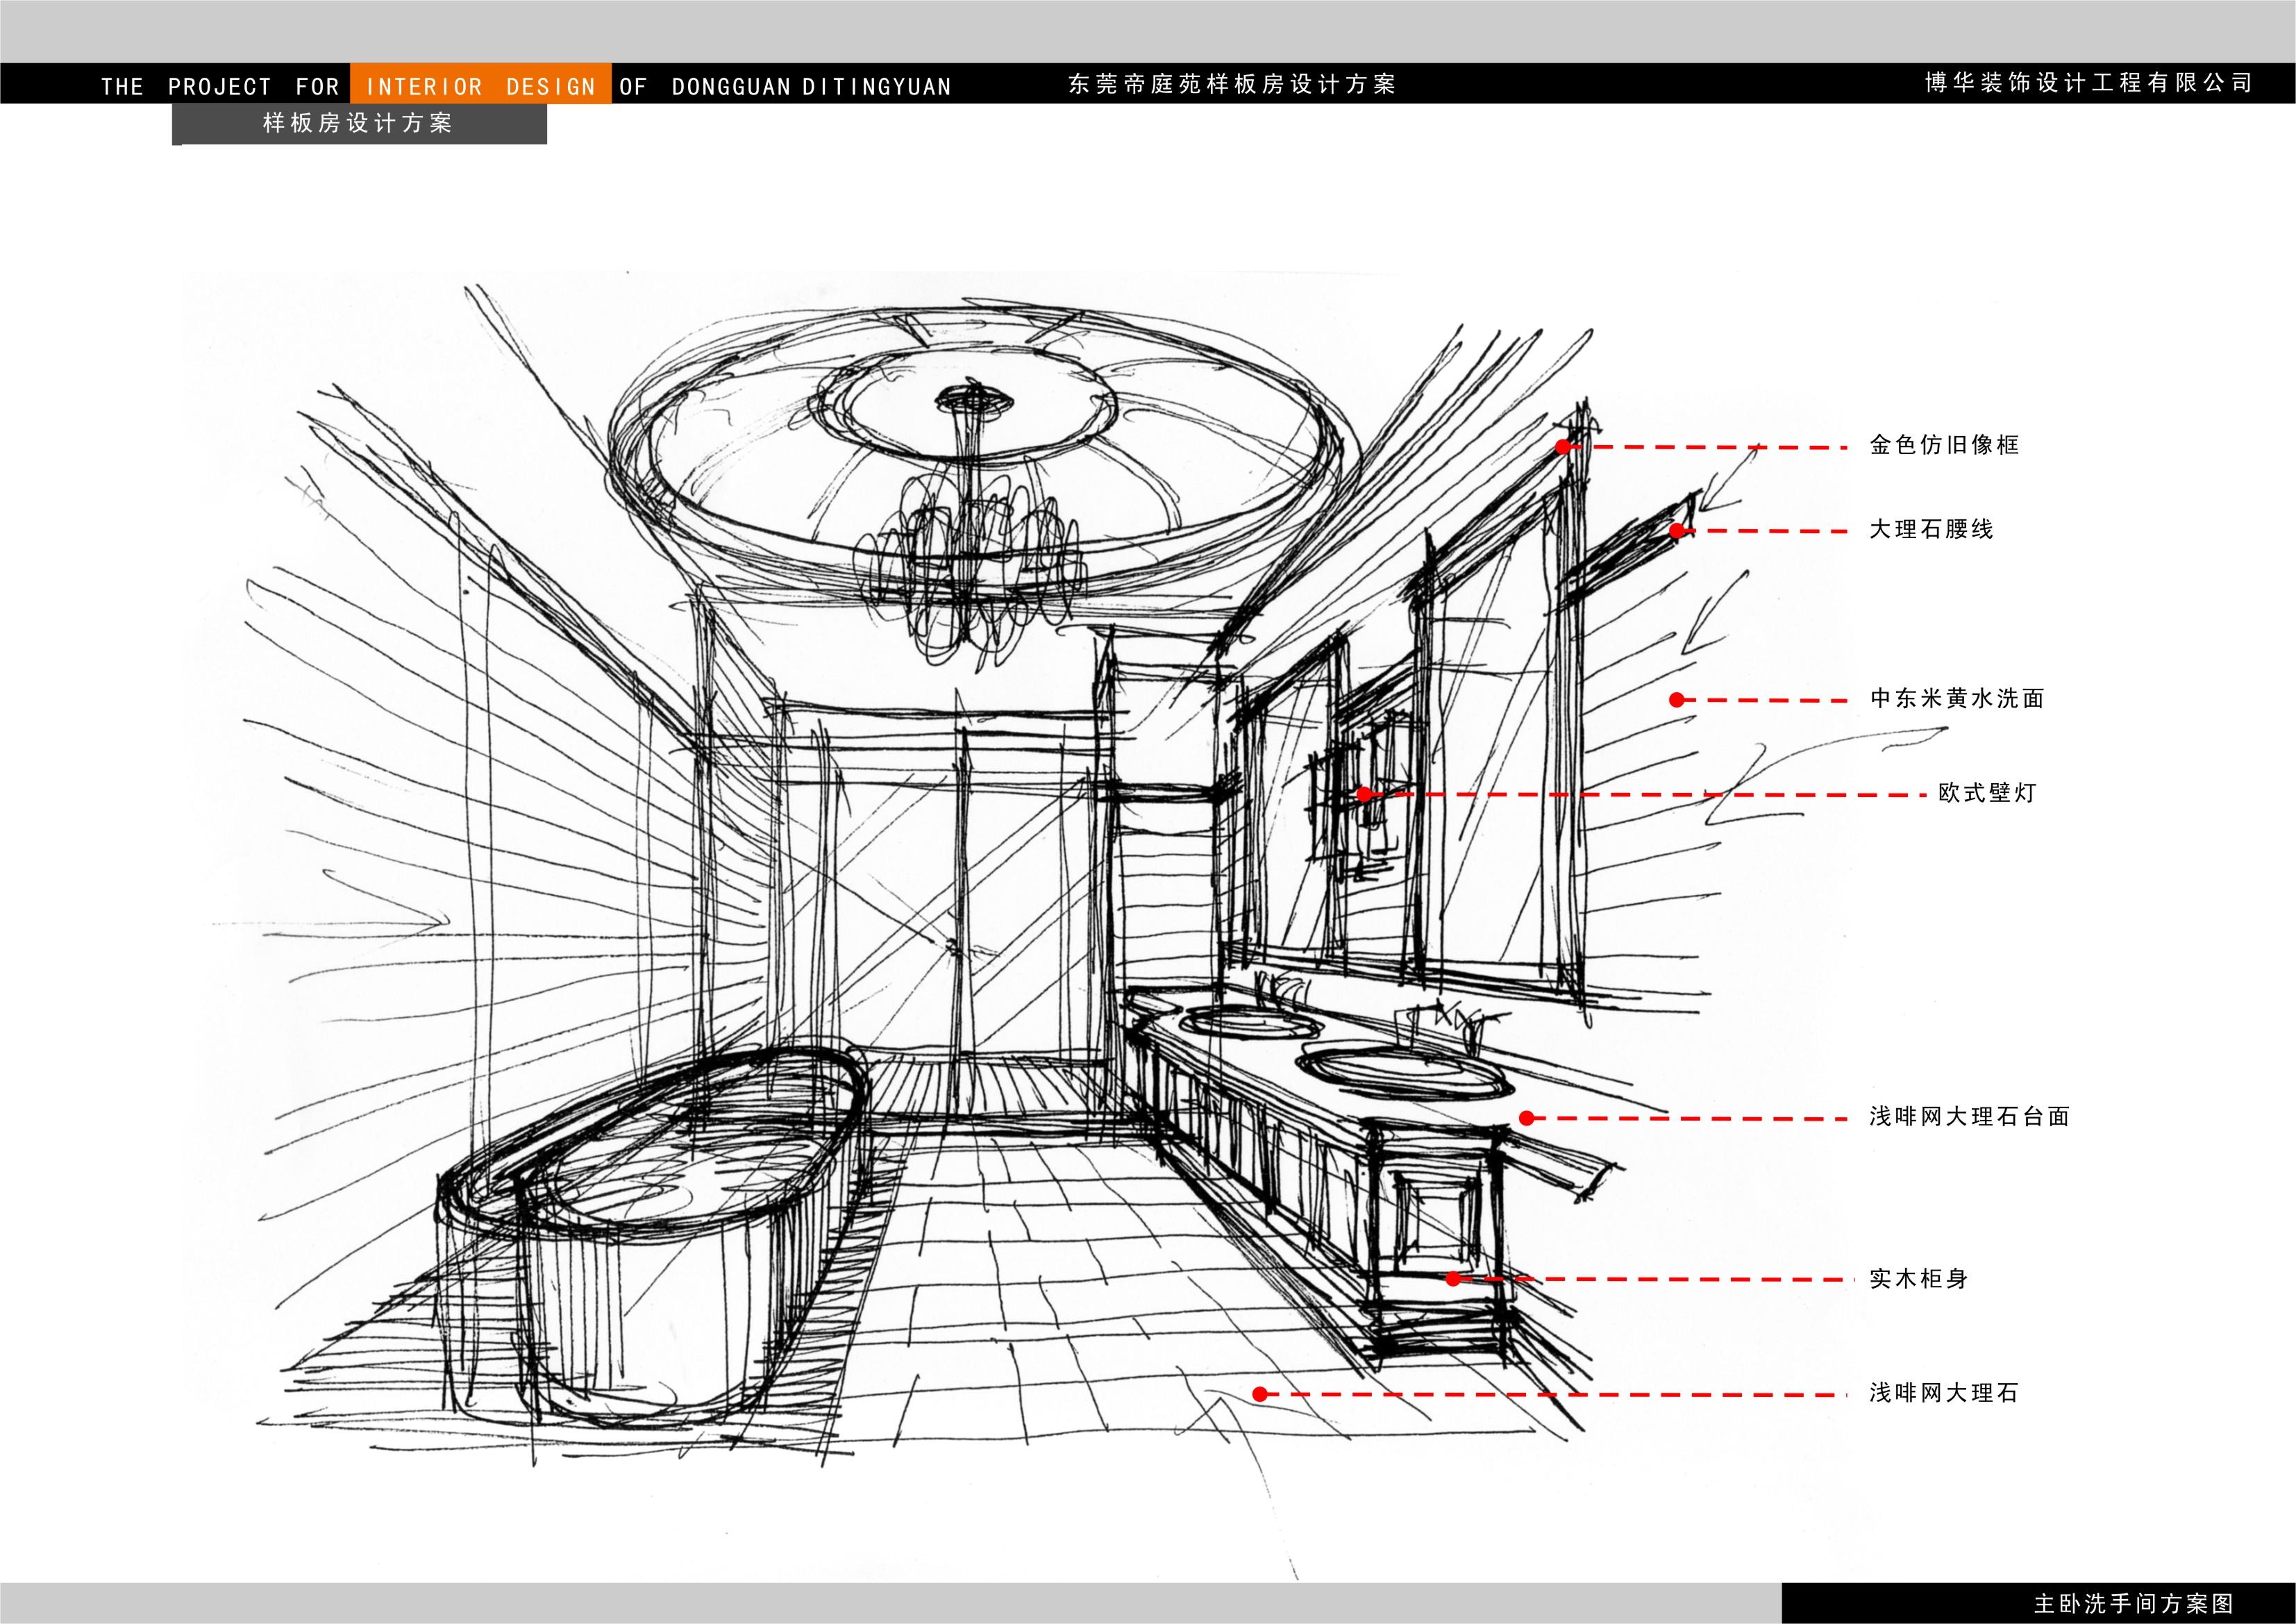 华凯帝庭园 - 住宅空间 - 第2页 - 袁晓琳设计作品案例